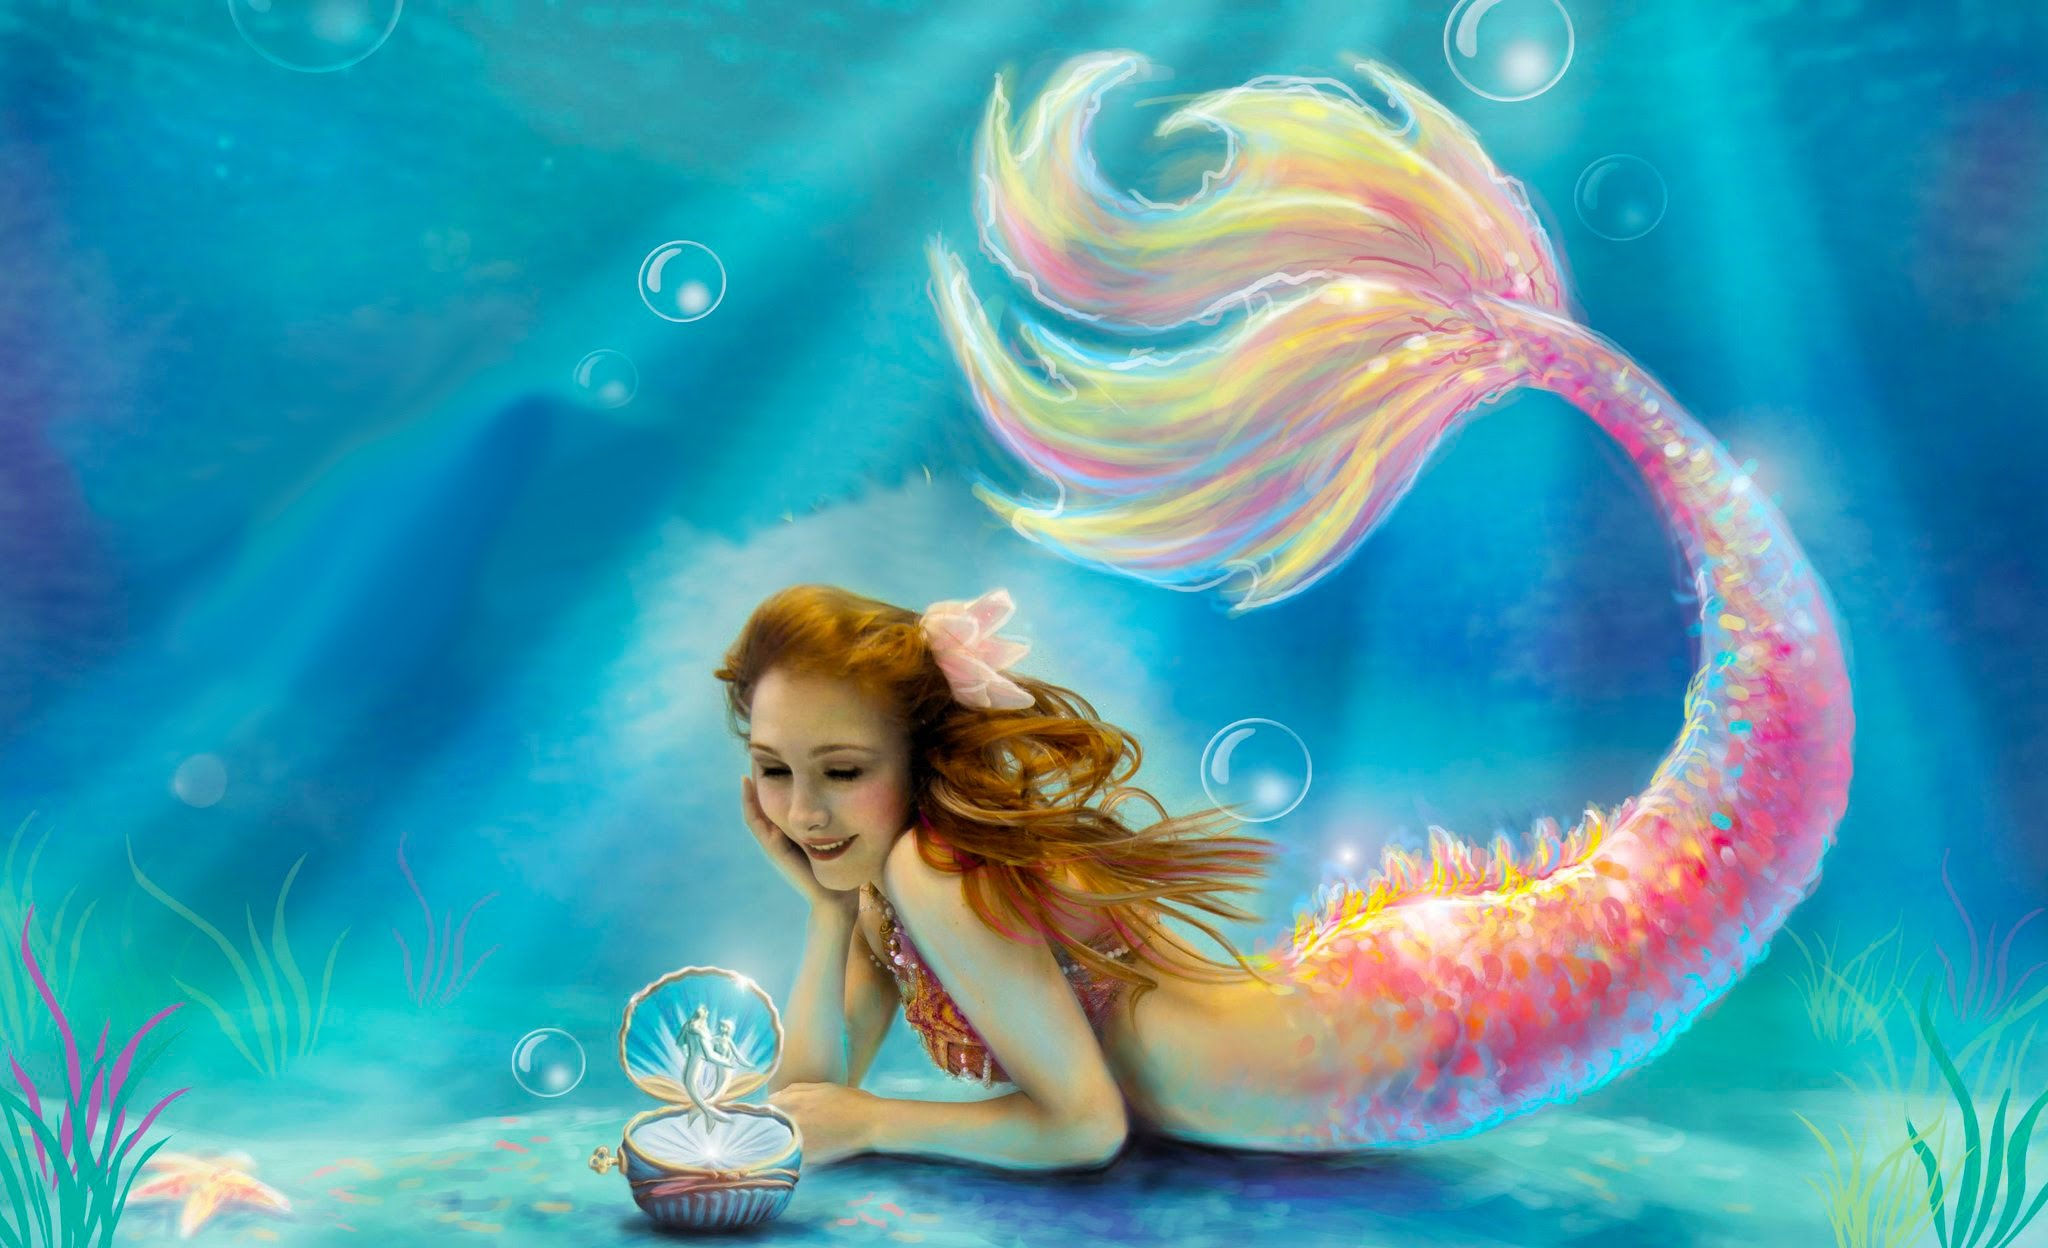 صورة صور عروسه البحر , صورة مزهلة لحورية البحار